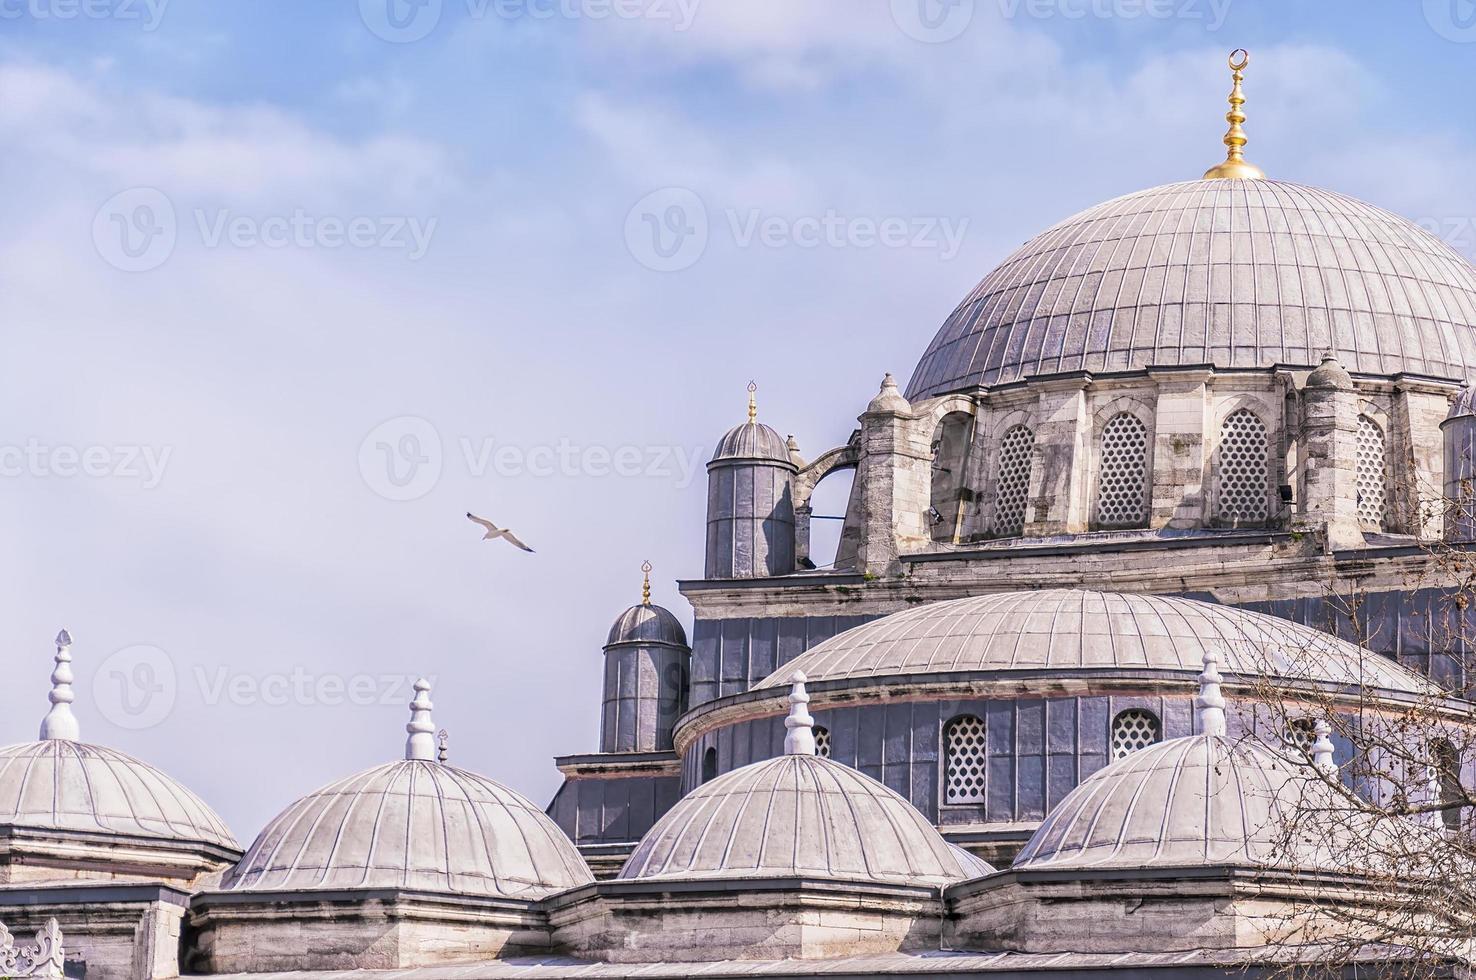 beyazä ± t camii Moschee foto